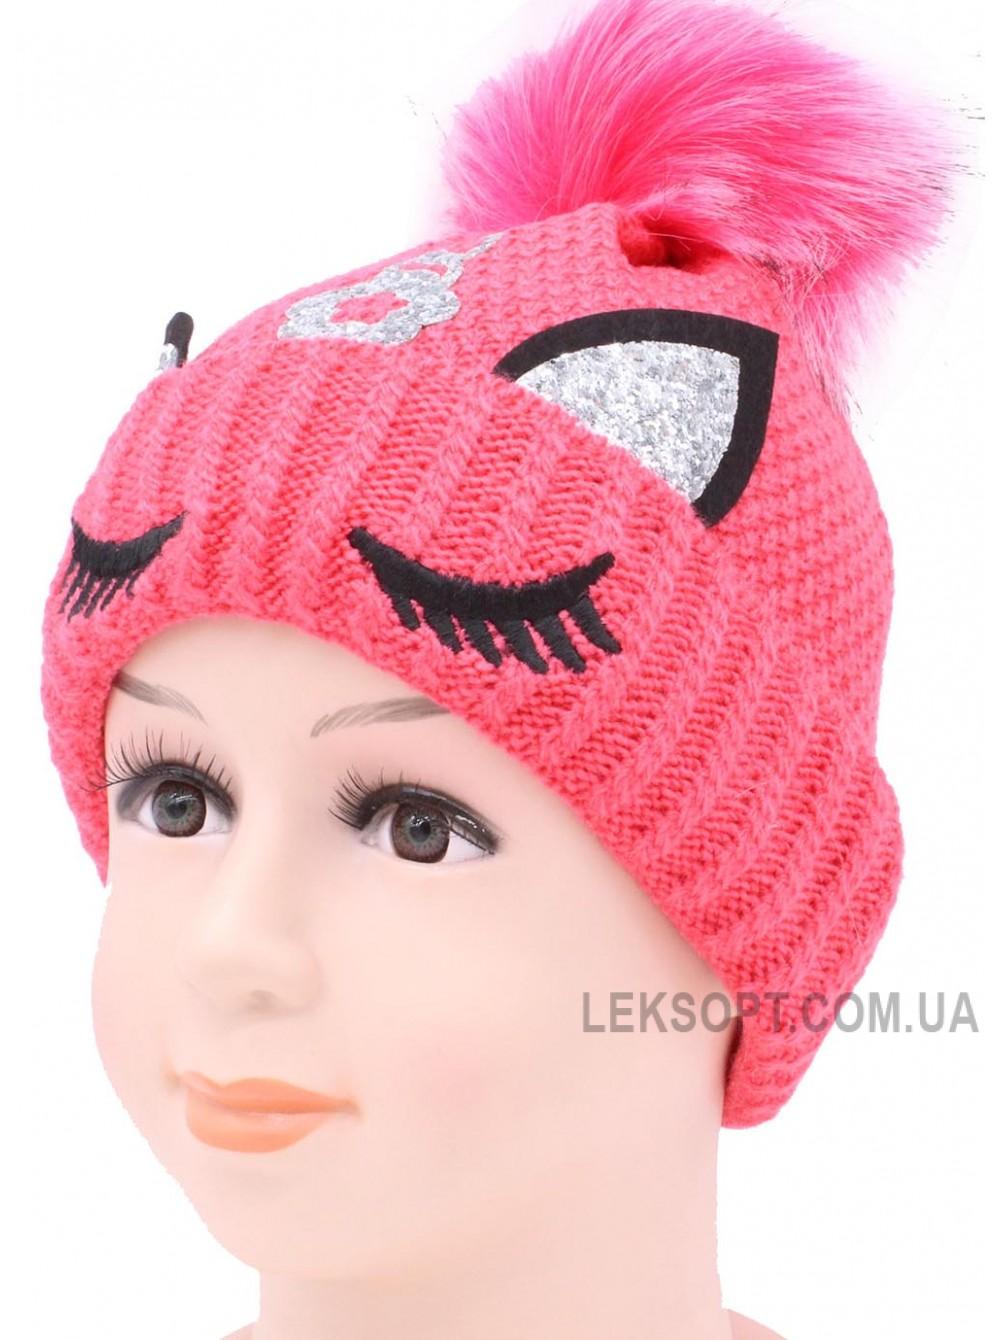 Детская вязаная шапка Единорог D57735-46-50